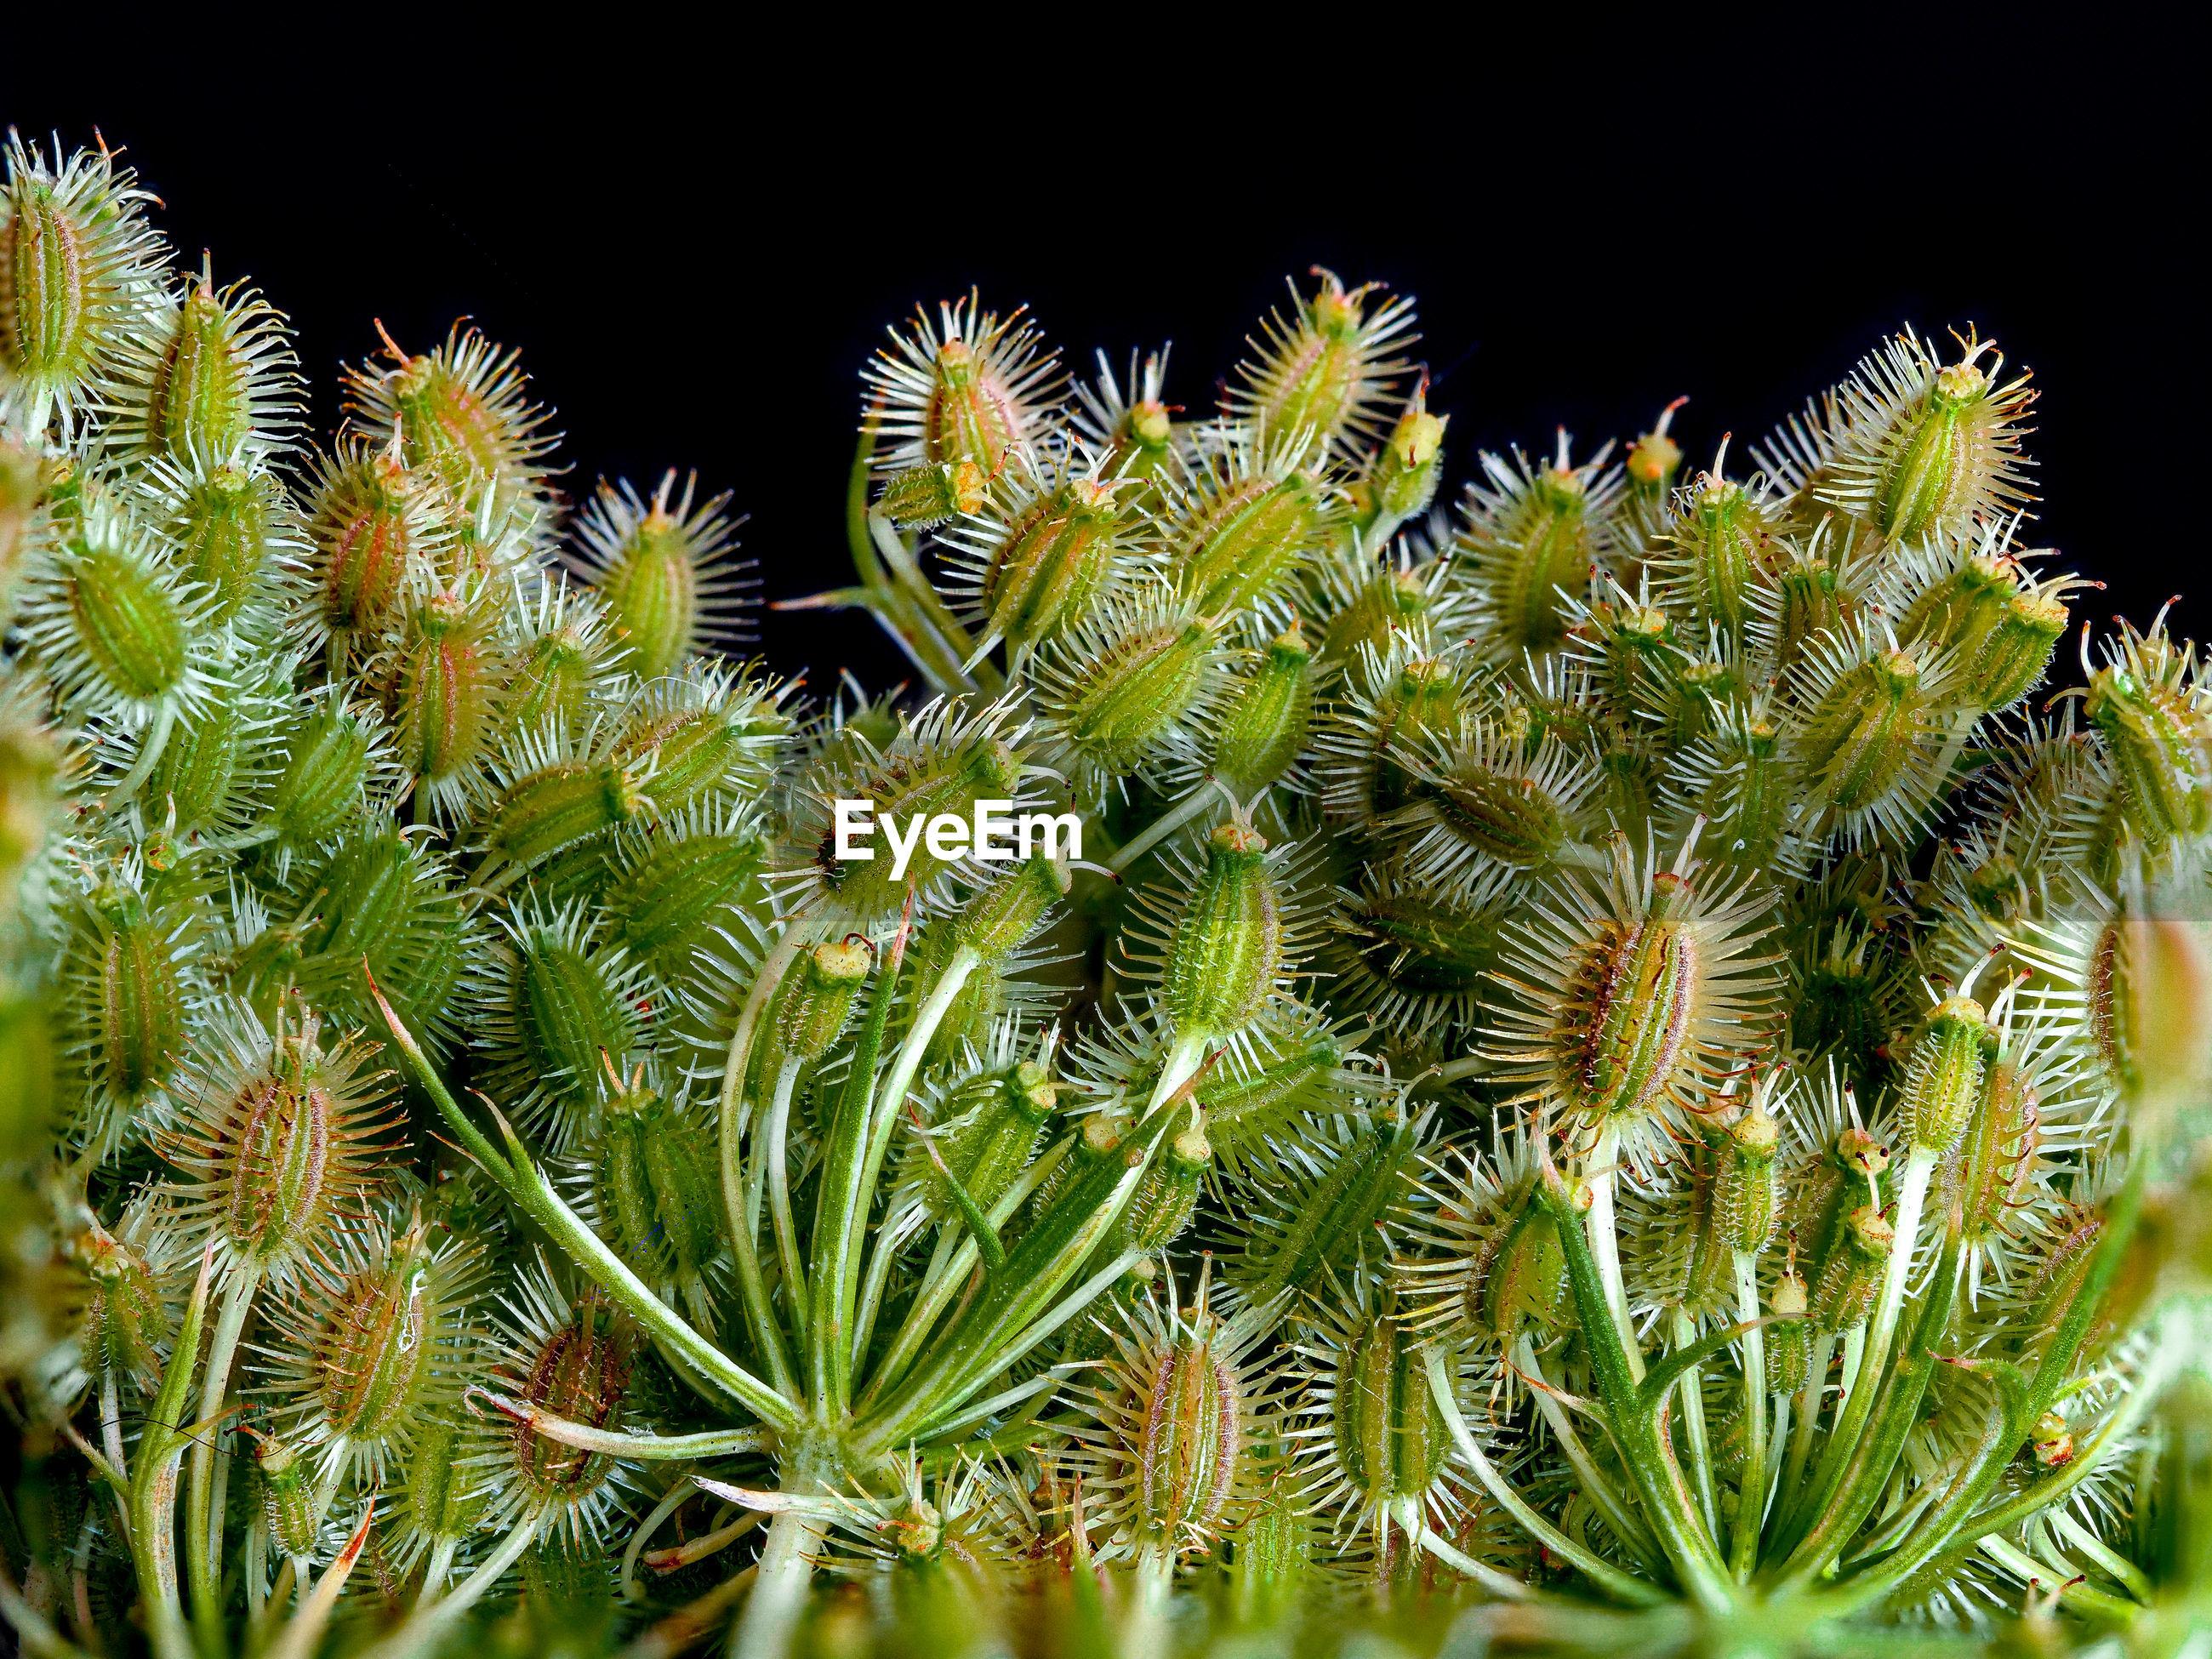 Close-up of plant daucus carota